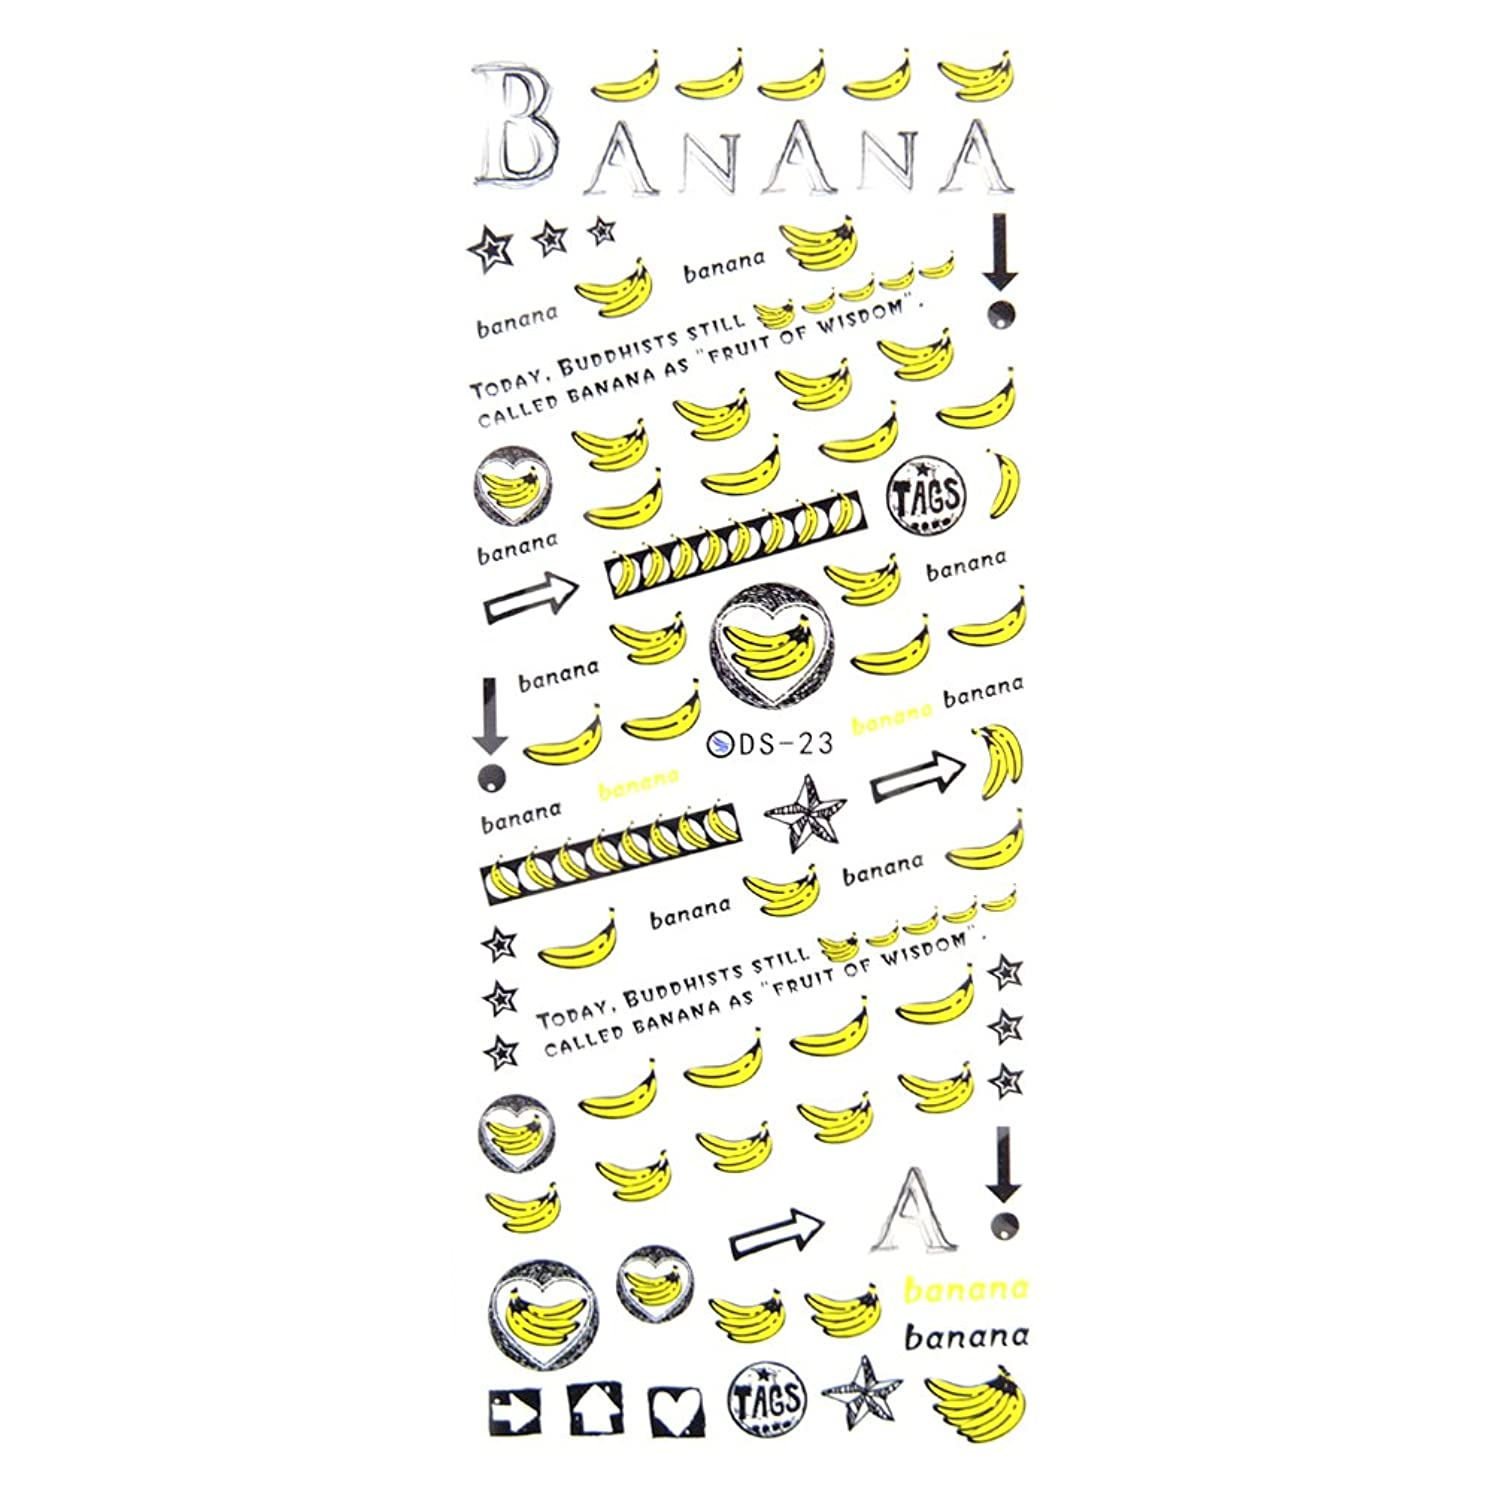 航空会社感染するとらえどころのない【DS-23】 バナナ柄ネイルシール ネイルシール ウォーターネイルシール バナナ フルーツ ネイルアート ジェル ジェルネイル